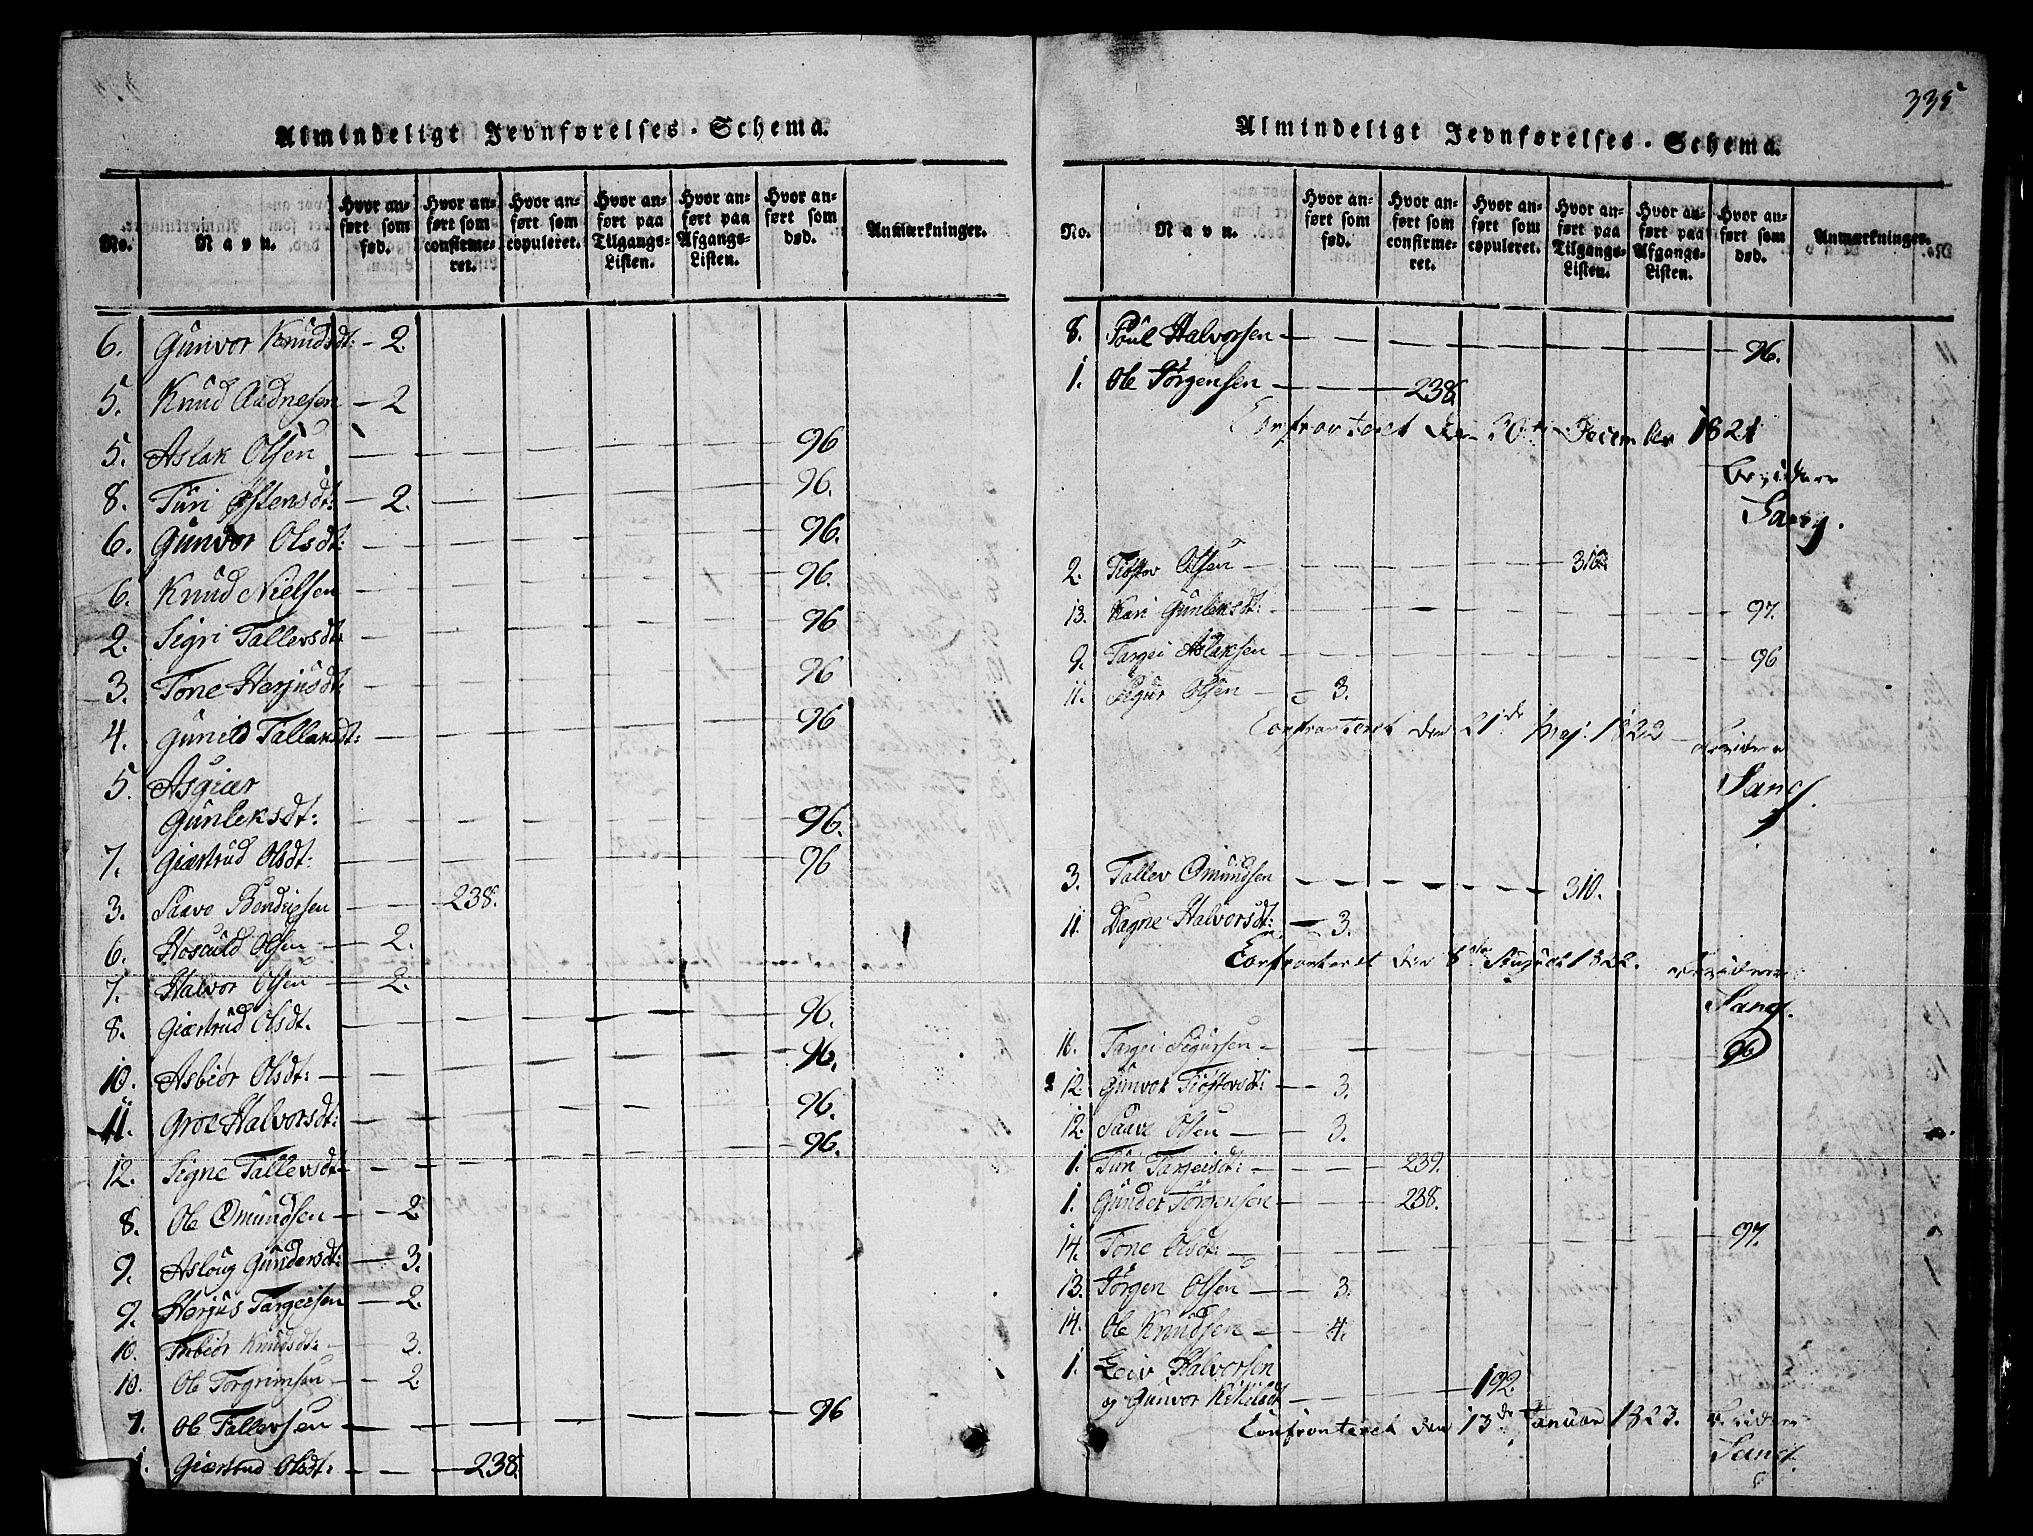 SAKO, Fyresdal kirkebøker, G/Ga/L0002: Klokkerbok nr. I 2, 1815-1857, s. 335